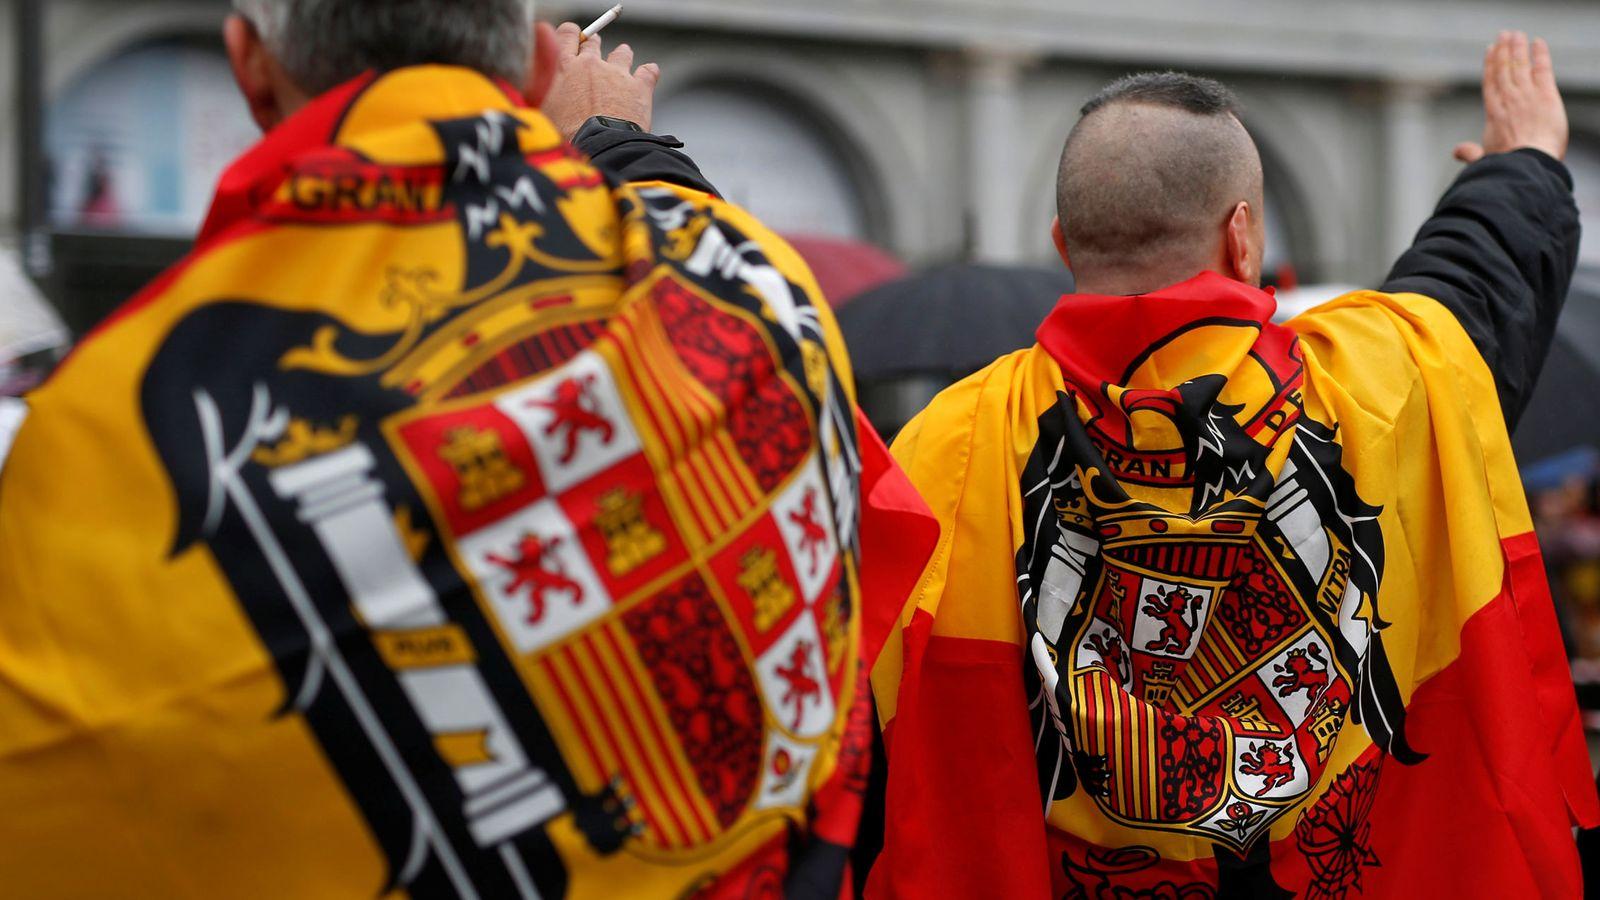 Foto: Dos seguidores de Franco con dos banderas preconstitucionales en una imagen de archivo. (Reuters)